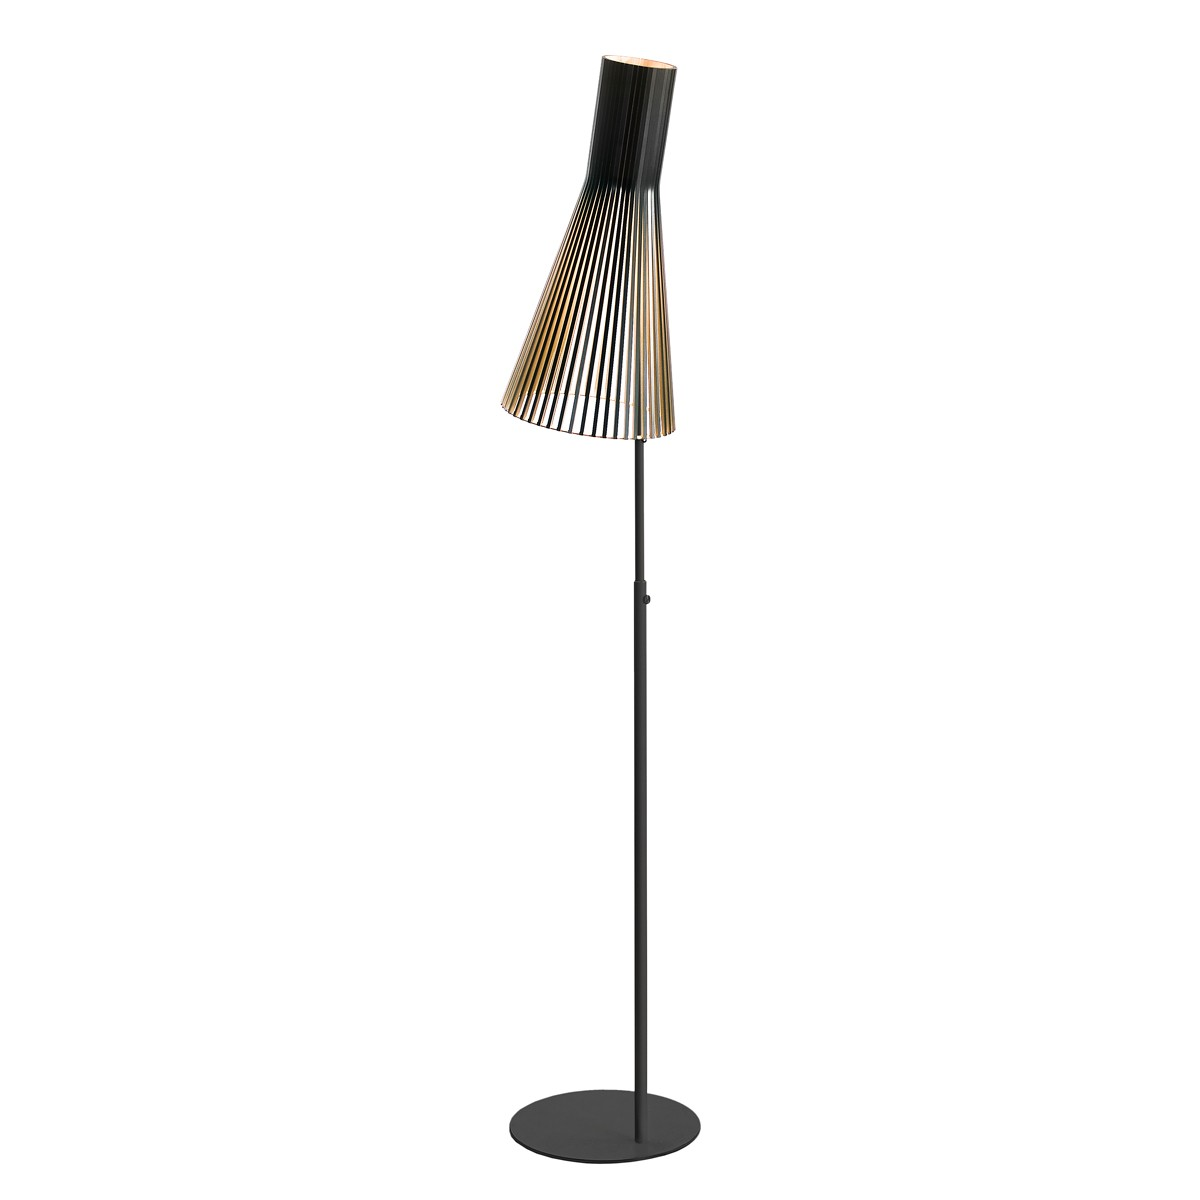 Secto Design Secto 4210 Stehleuchte, schwarz, Schirm: schwarz laminiert